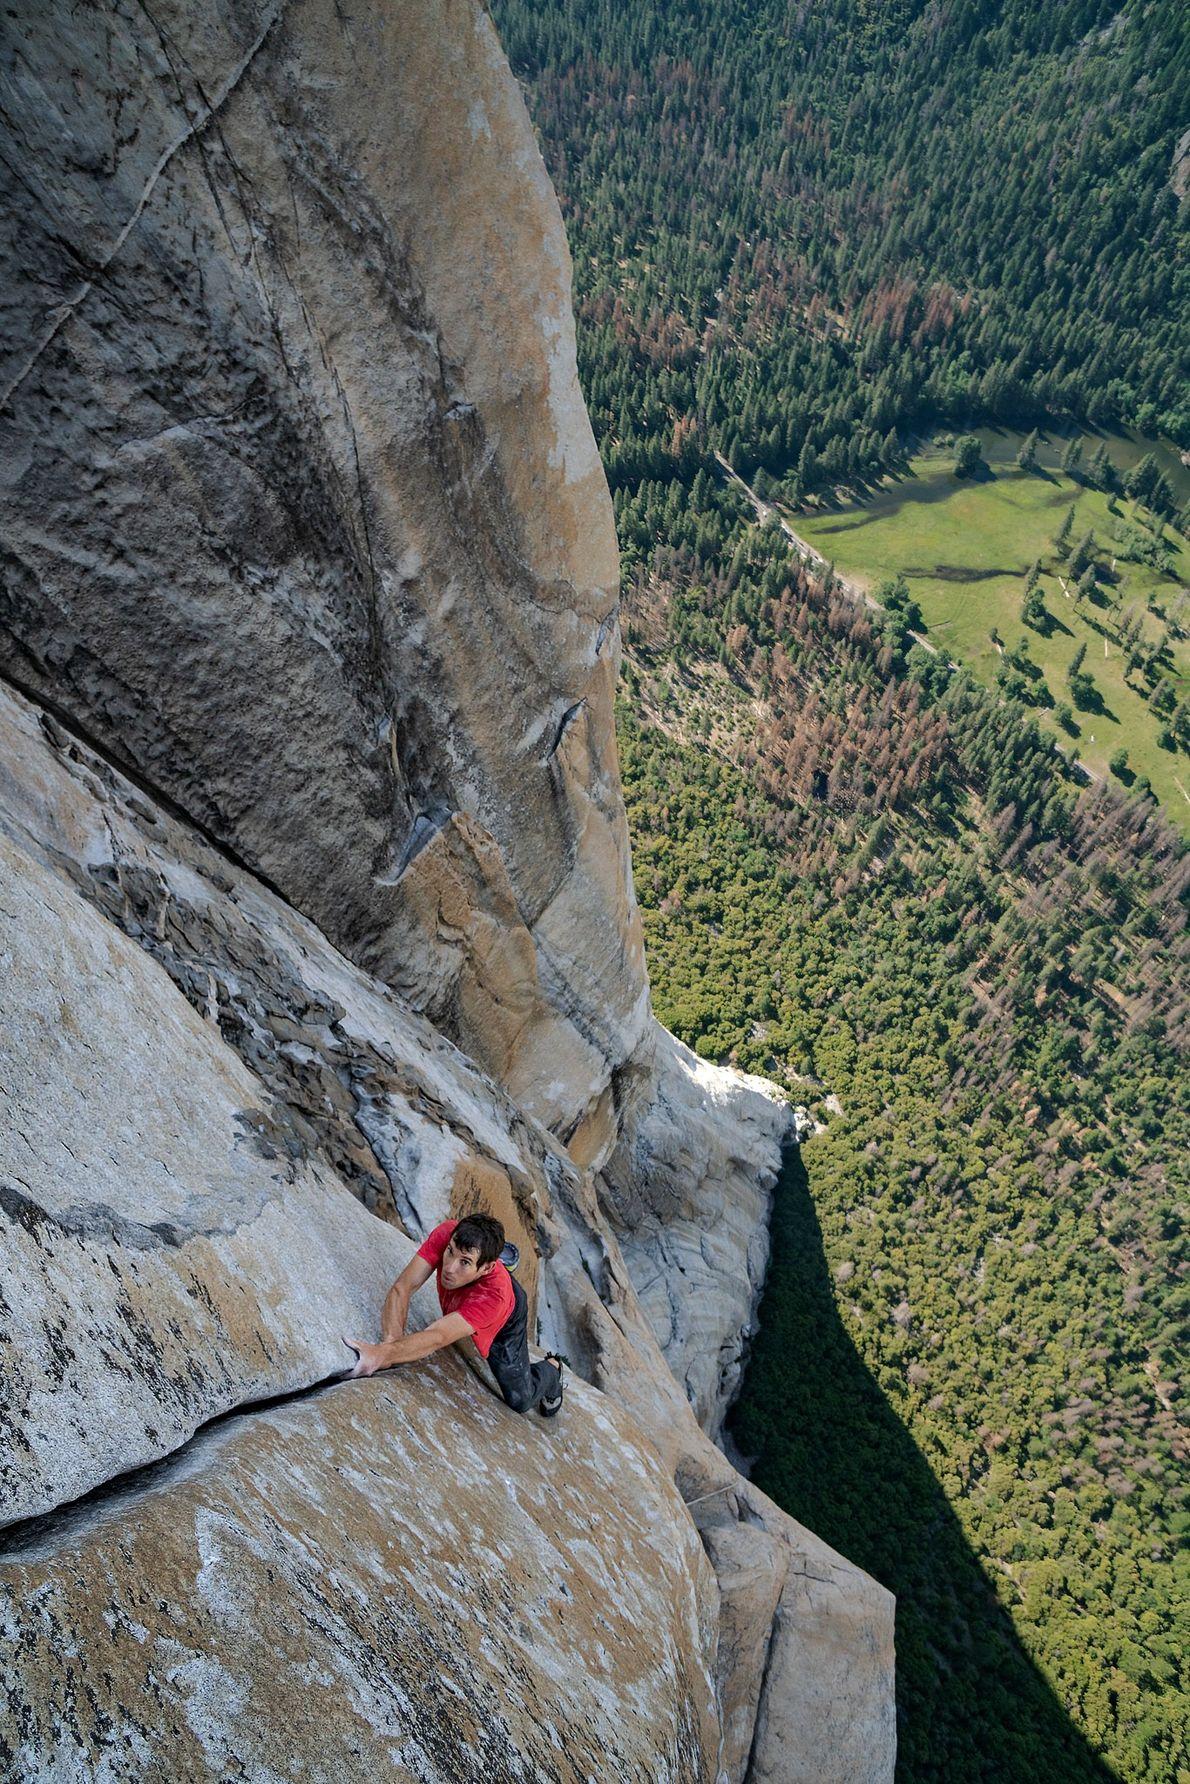 Surplombant la vallée du Yosemite qui s'étale loin derrière lui, Alex Honnold escalade en free solo ...